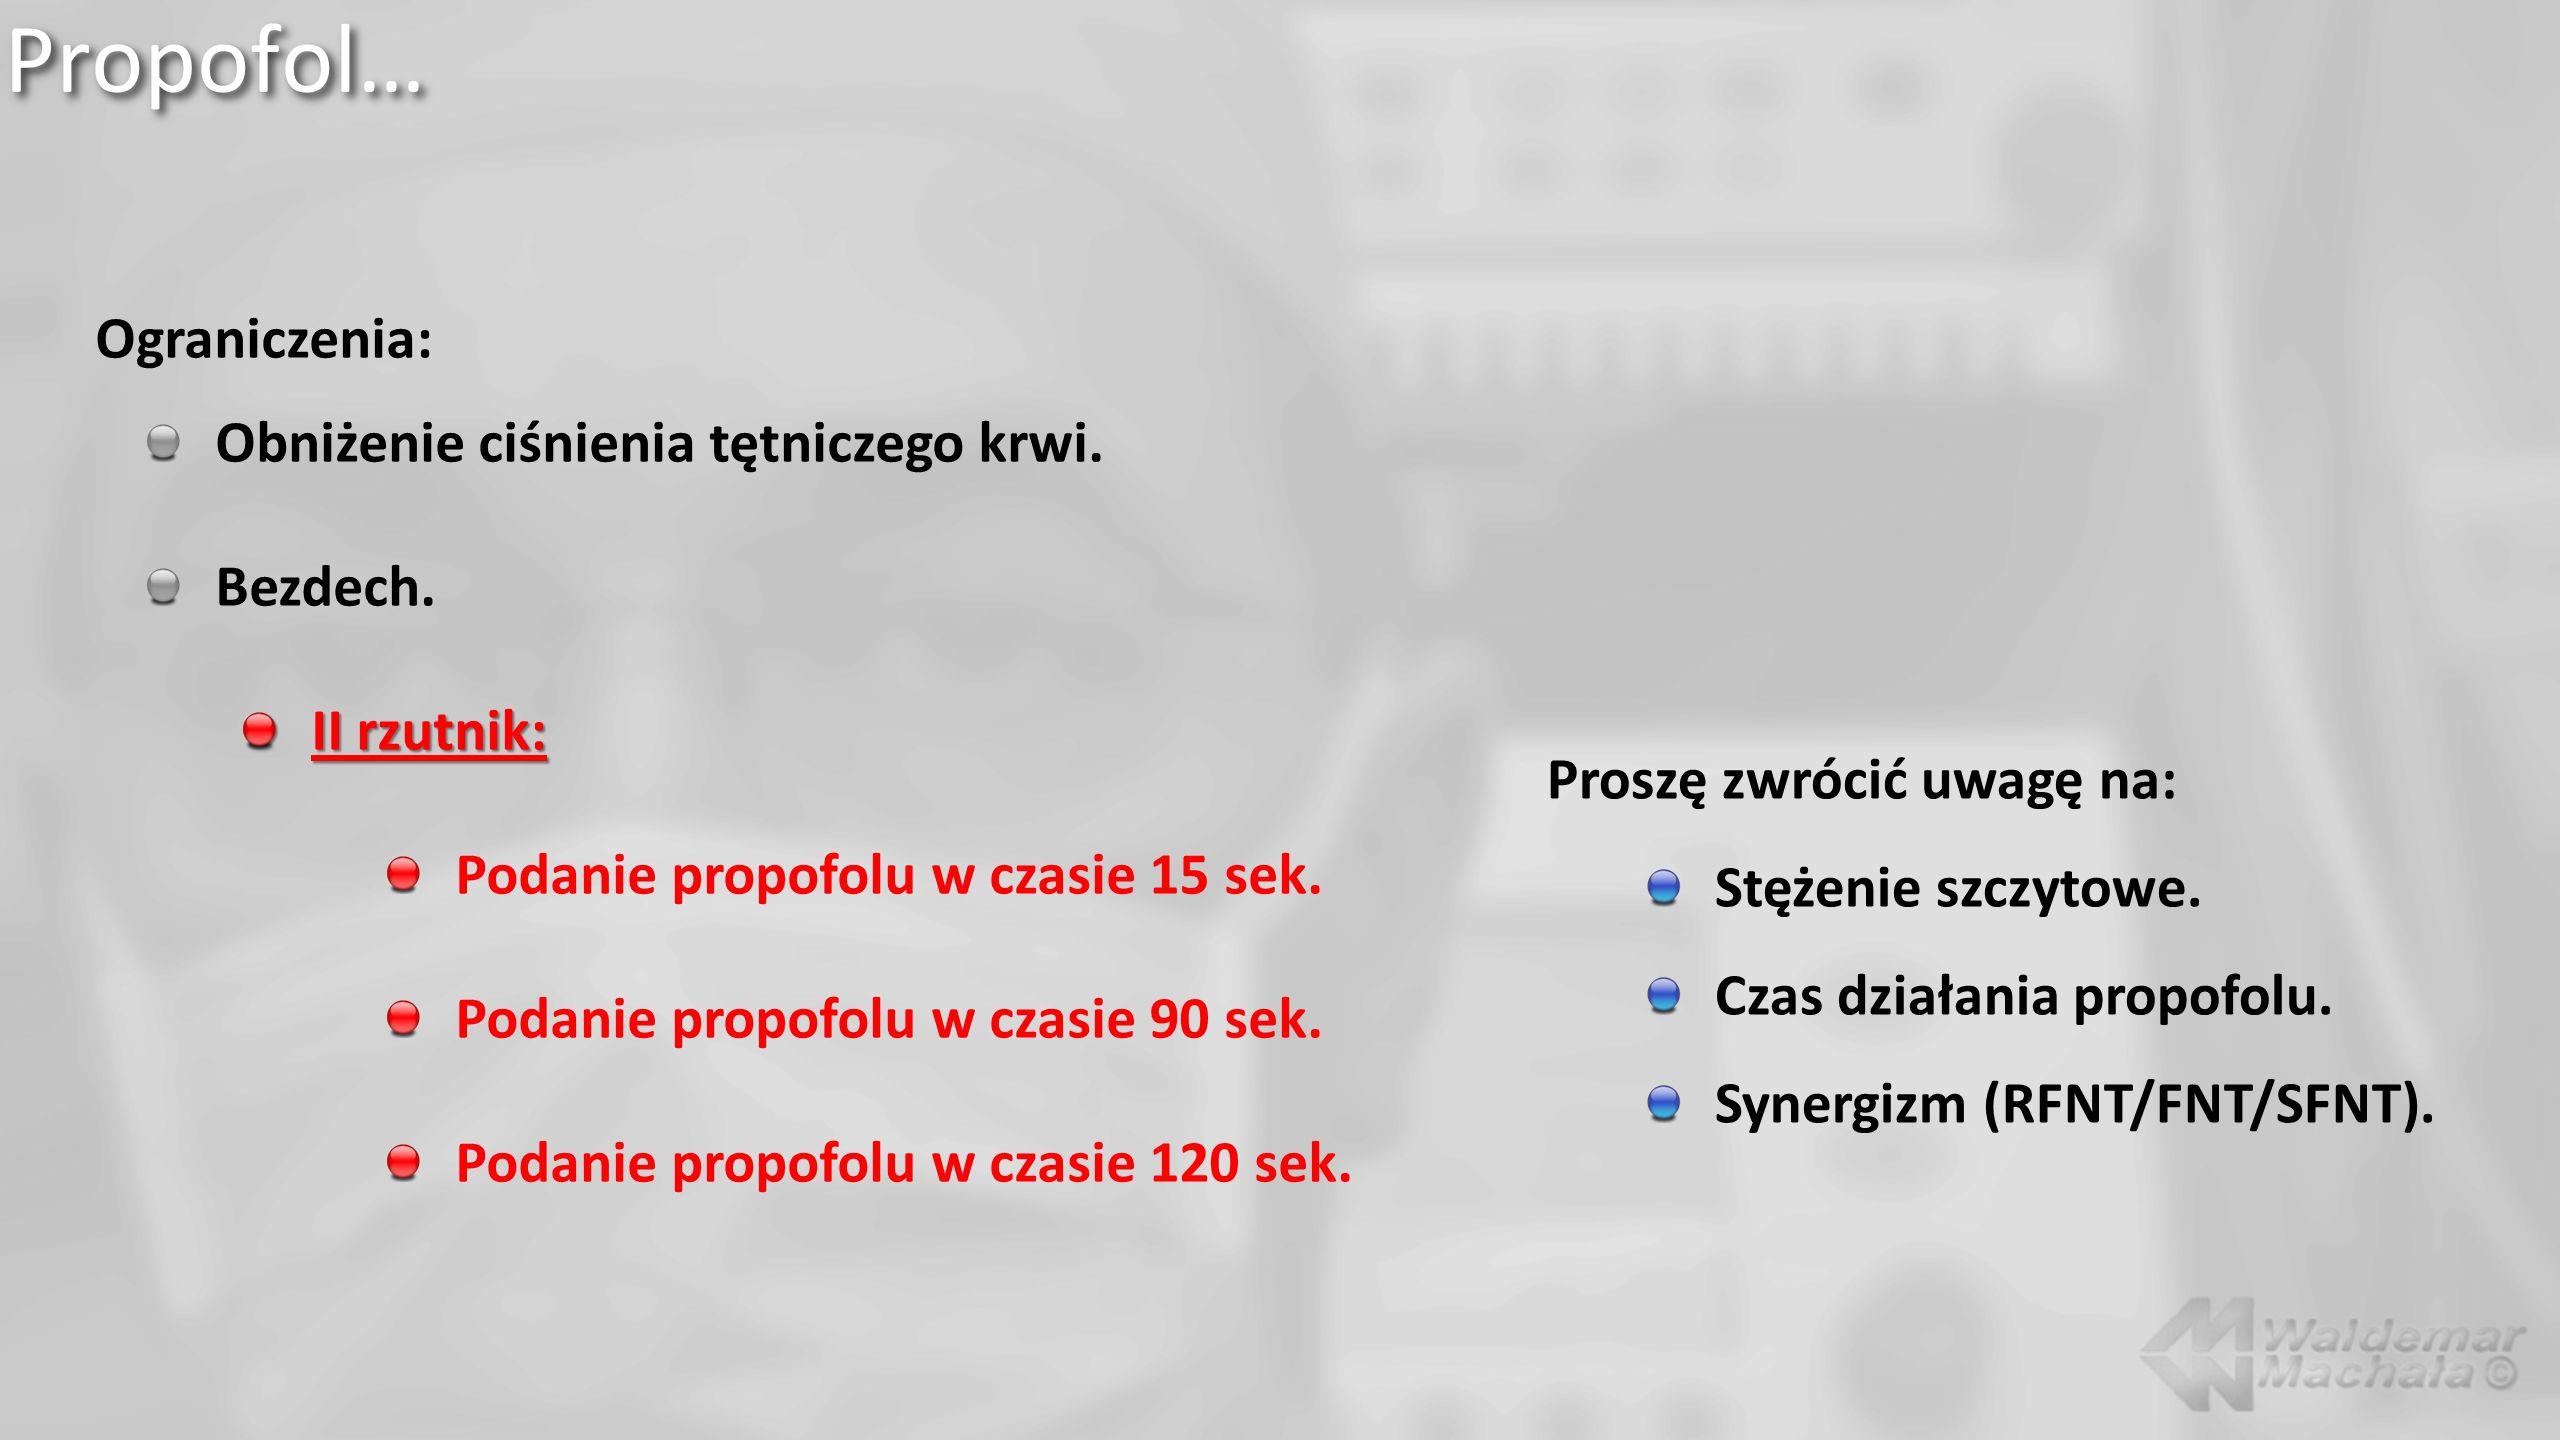 Propofol… Ograniczenia: Obniżenie ciśnienia tętniczego krwi. Bezdech.